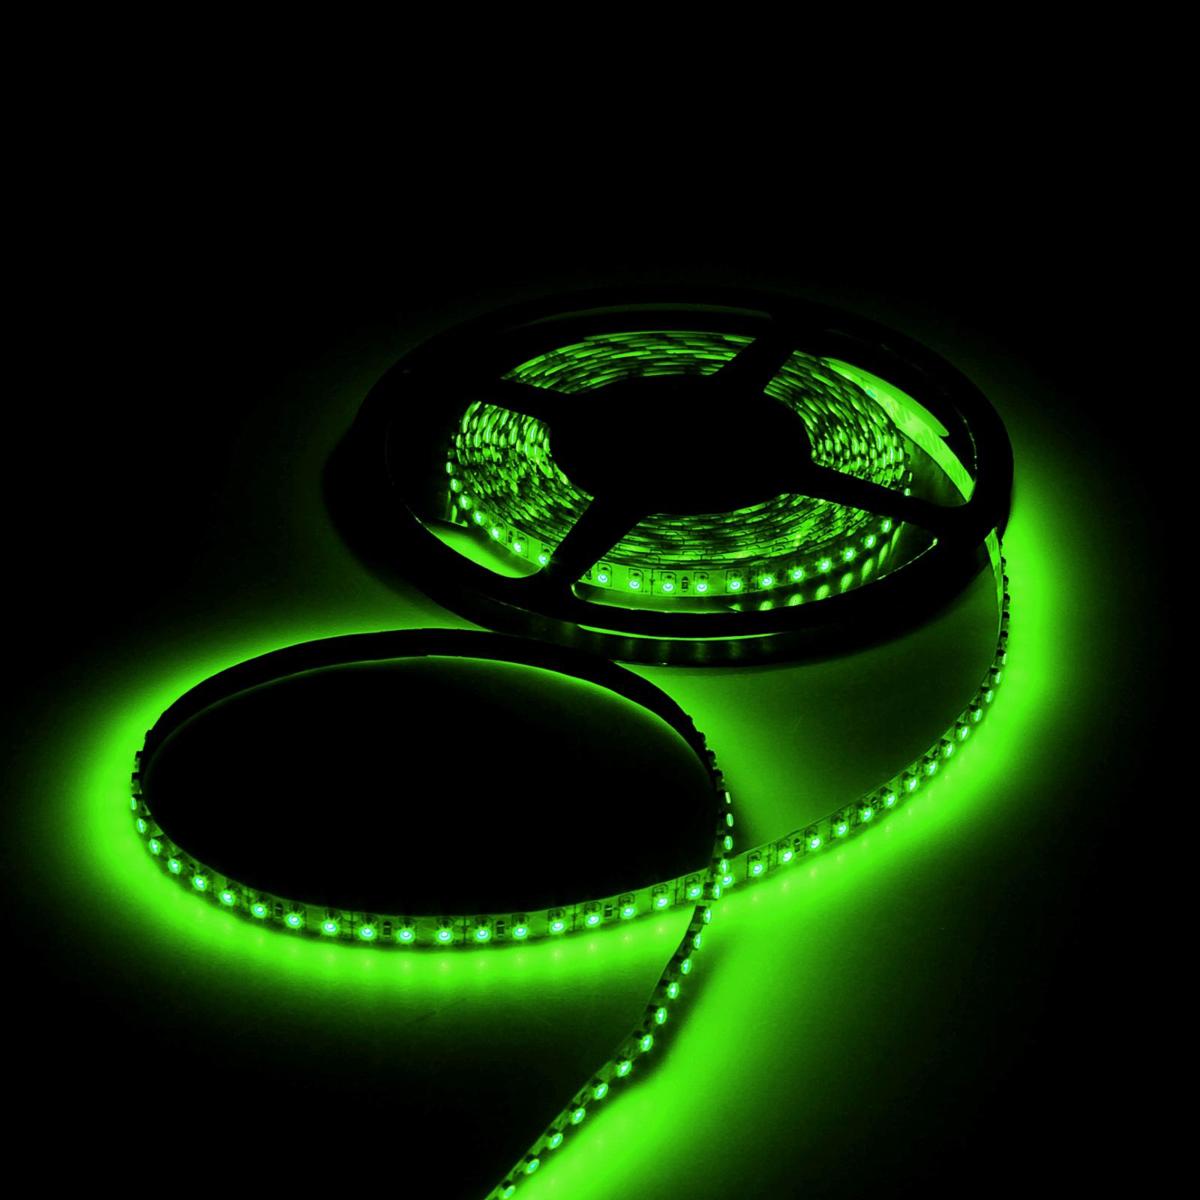 Светодиодная лента Luazon, 12В, SMD3528, длина 5 м, IP33, 120 LED ламп, 9.6 Вт/м, 6-7 Лм/1 LED, DC, цвет: зеленый. 883897BH0402_капелькиСветодиодные гирлянды, ленты и т.д — это отличный вариант для новогоднего оформления интерьера или фасада. С их помощью помещение любого размера можно превратить в праздничный зал, а внешние элементы зданий, украшенные ими, мгновенно станут напоминать очертания сказочного дворца. Такие украшения создают ауру предвкушения чуда. Деревья, фасады, витрины, окна и арки будто специально созданы, чтобы вы украсили их светящимися нитями.